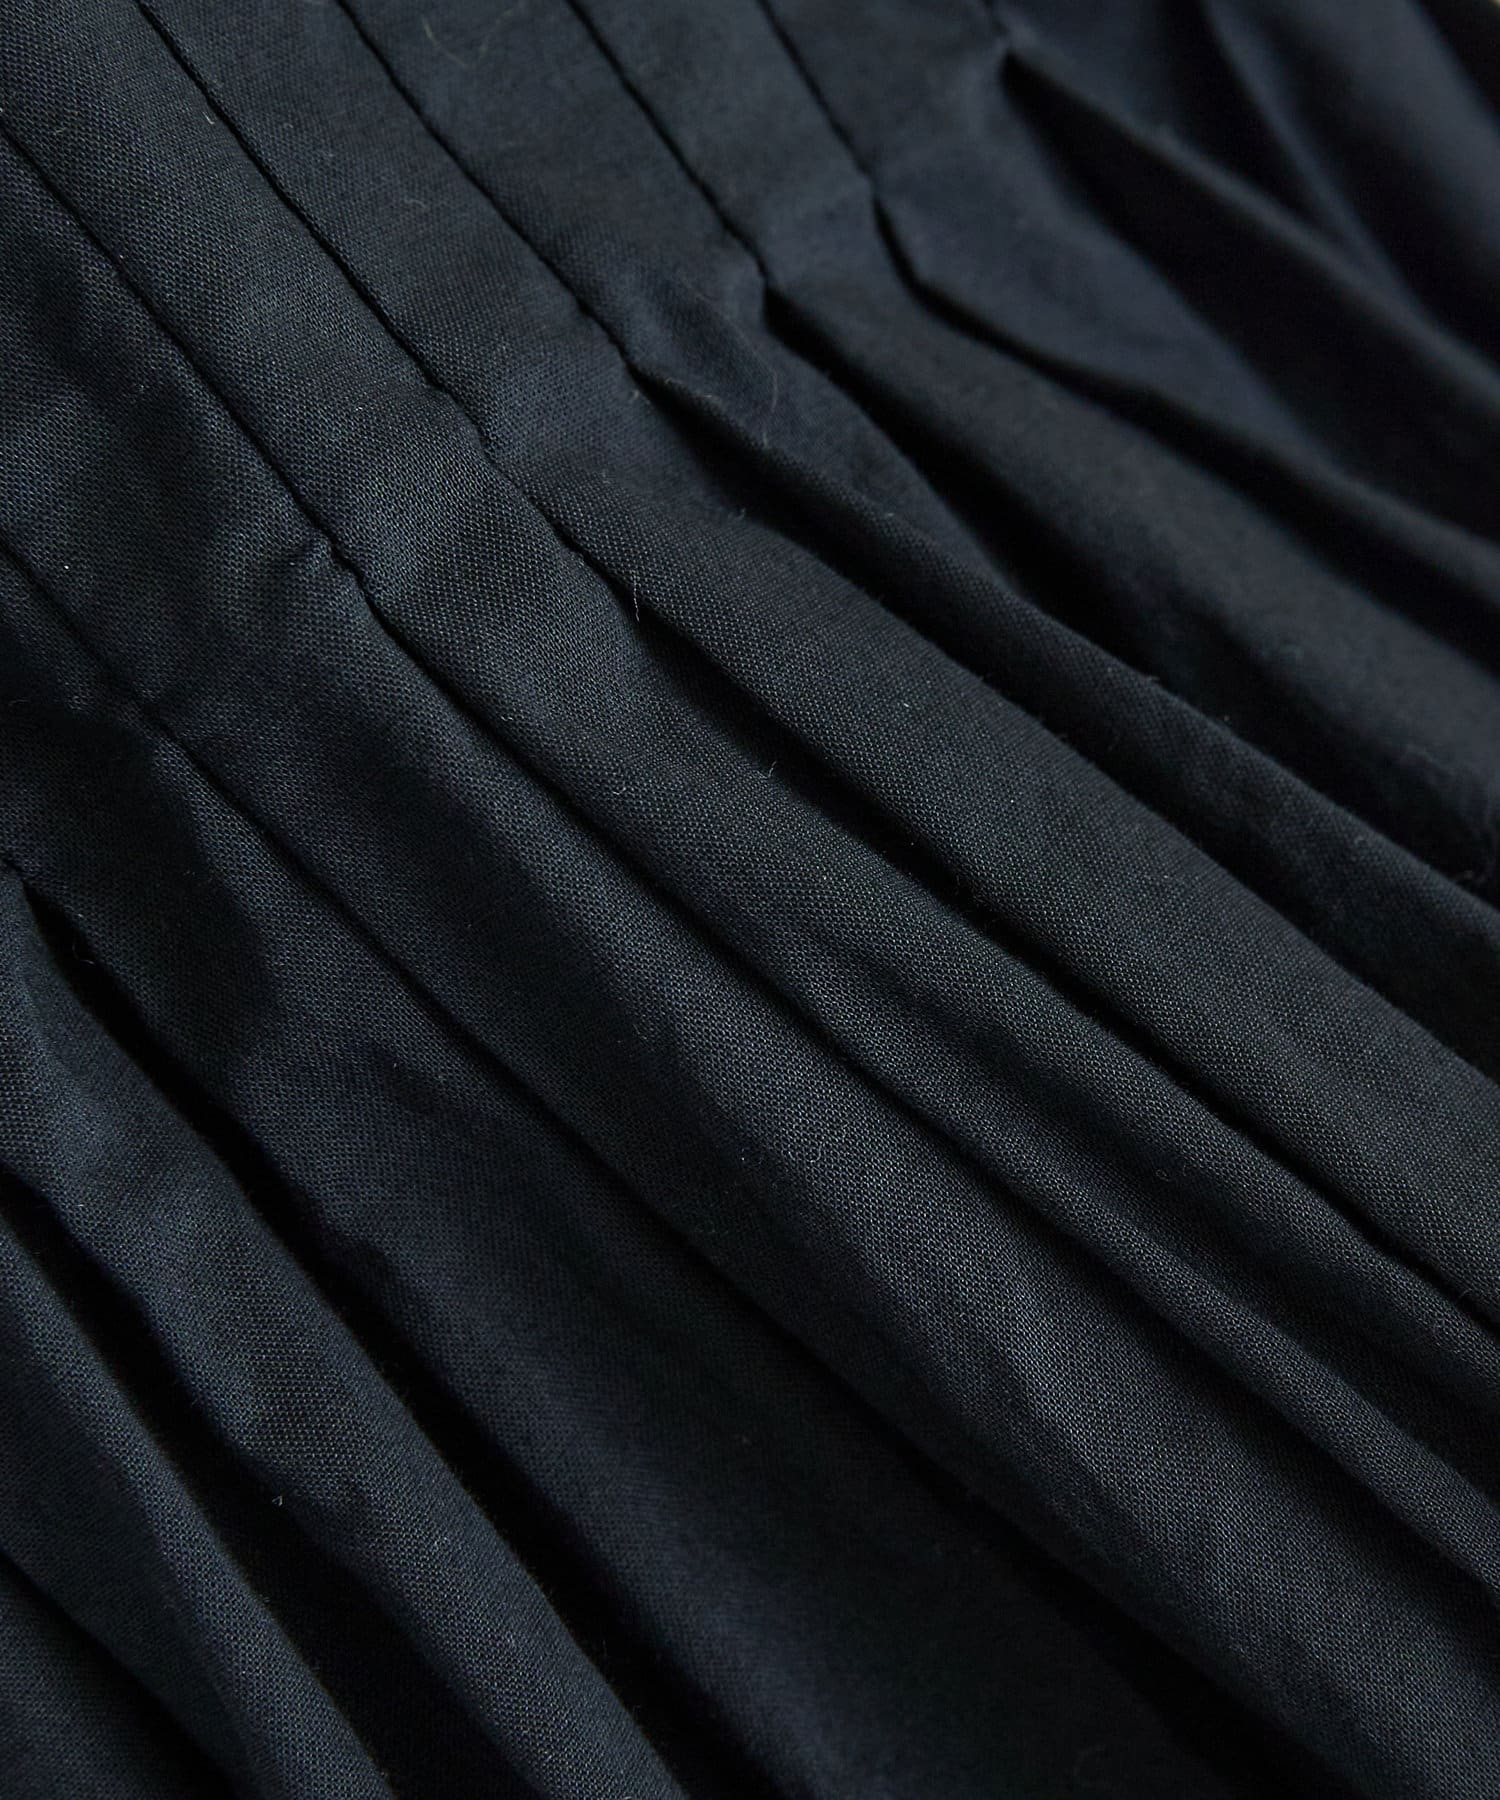 GALLARDAGALANTE(ガリャルダガランテ) タックスリーブスキッパーシャツ【オンラインストア限定商品】